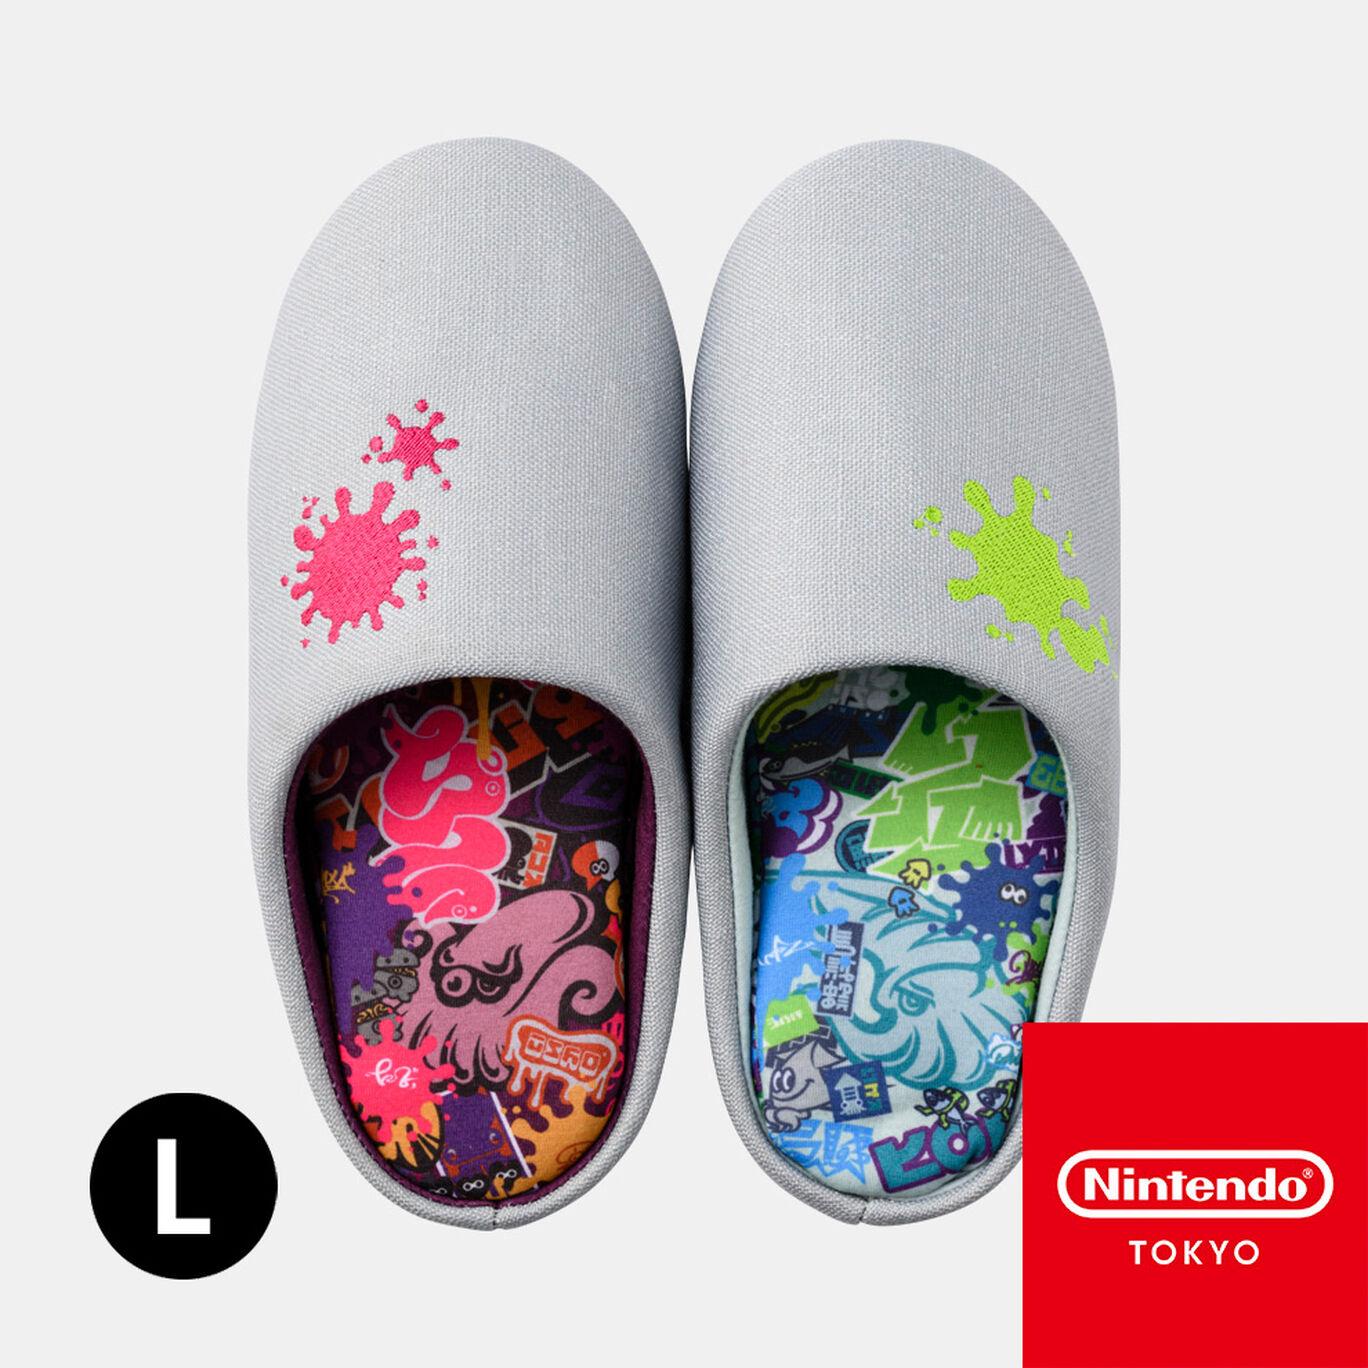 ルームシューズL SQUID or OCTO Splatoon【Nintendo TOKYO取り扱い商品】